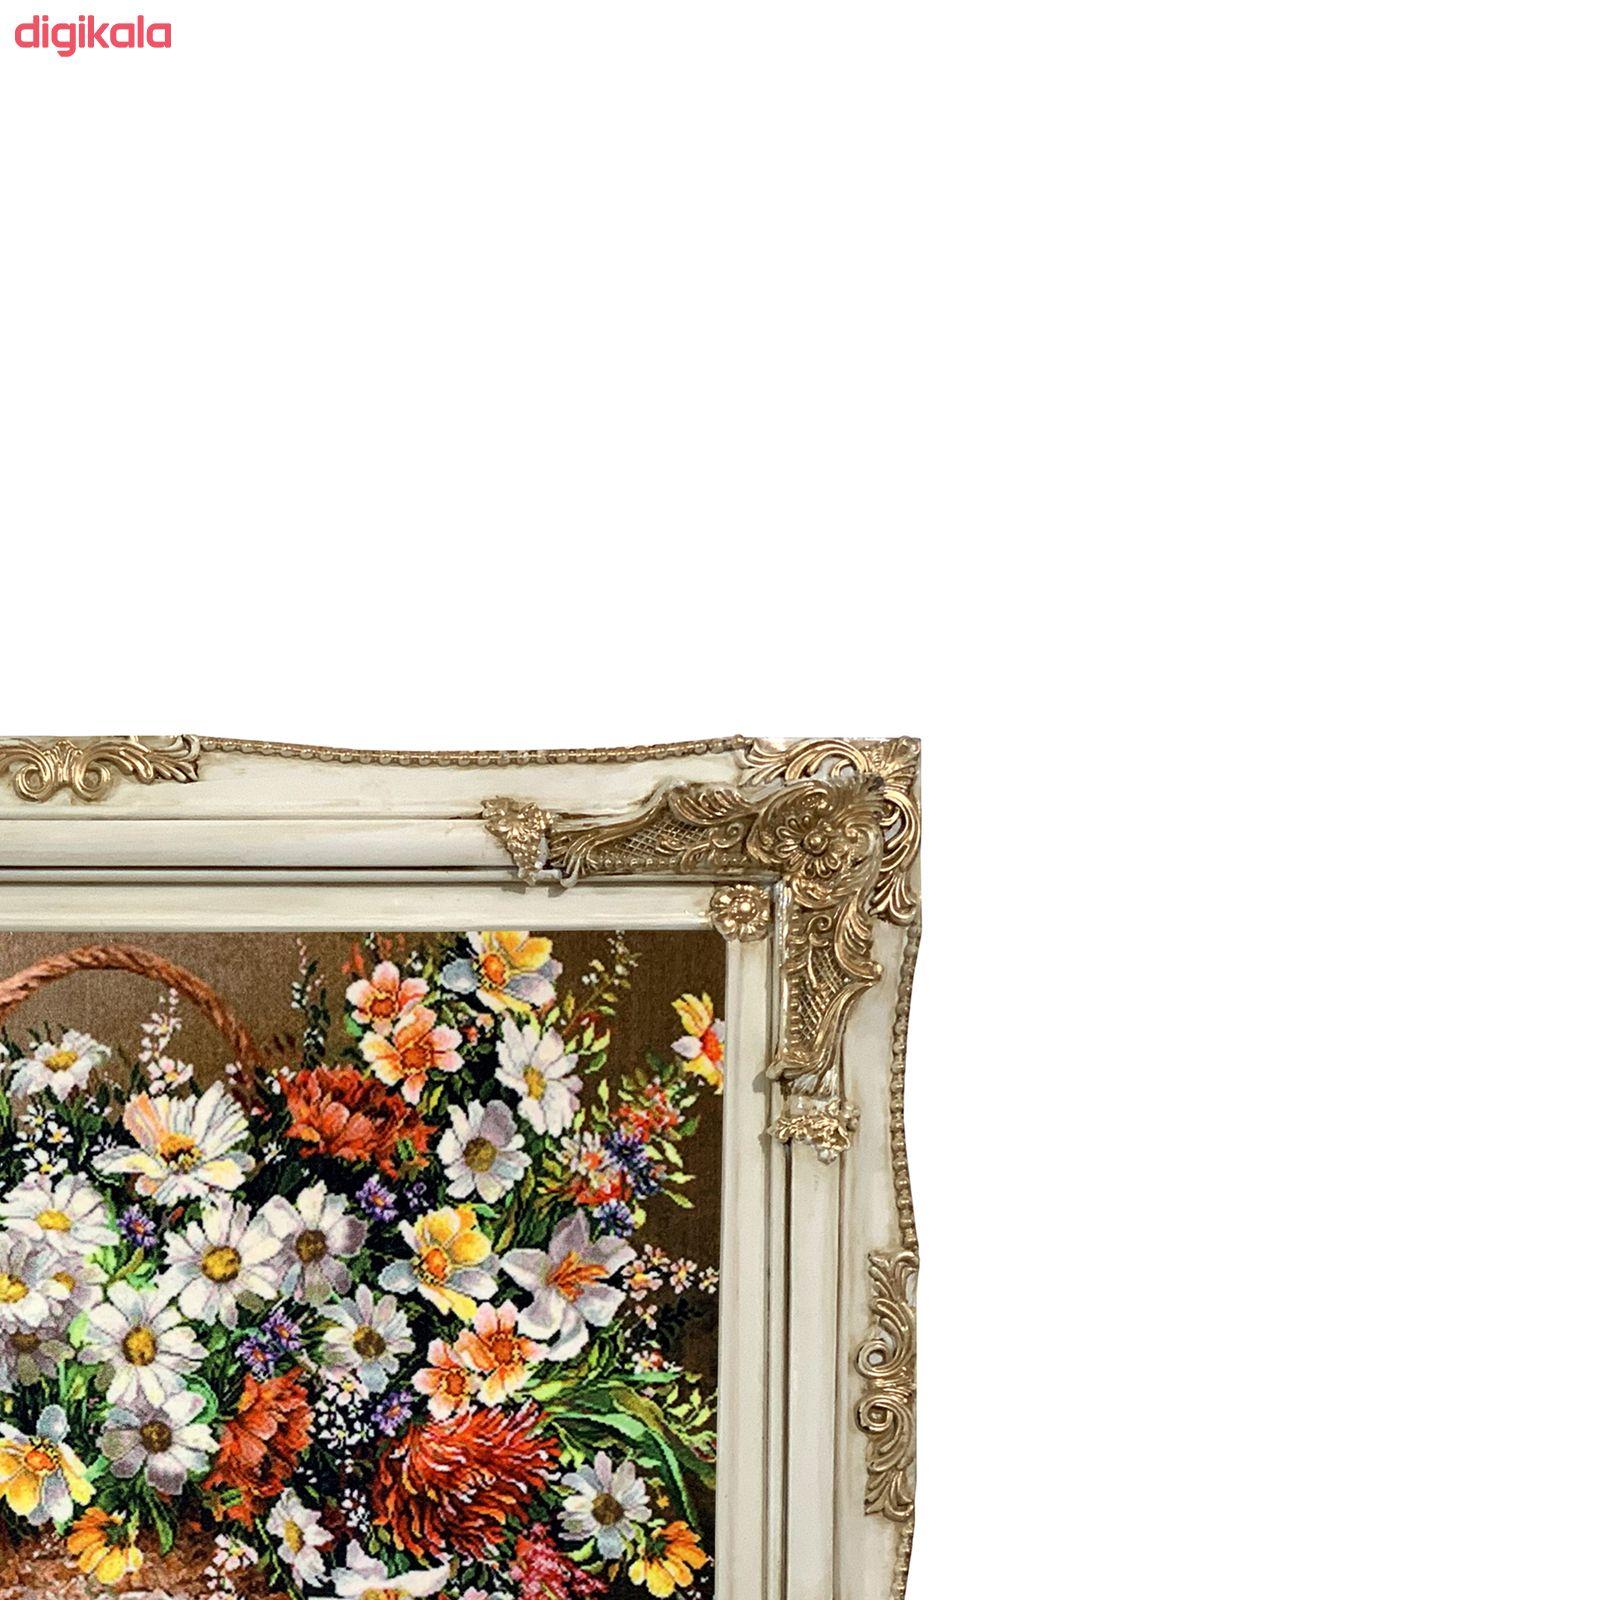 تابلو فرش ماشینی طرح سبد گل کد ۷۳۳۷ main 1 1